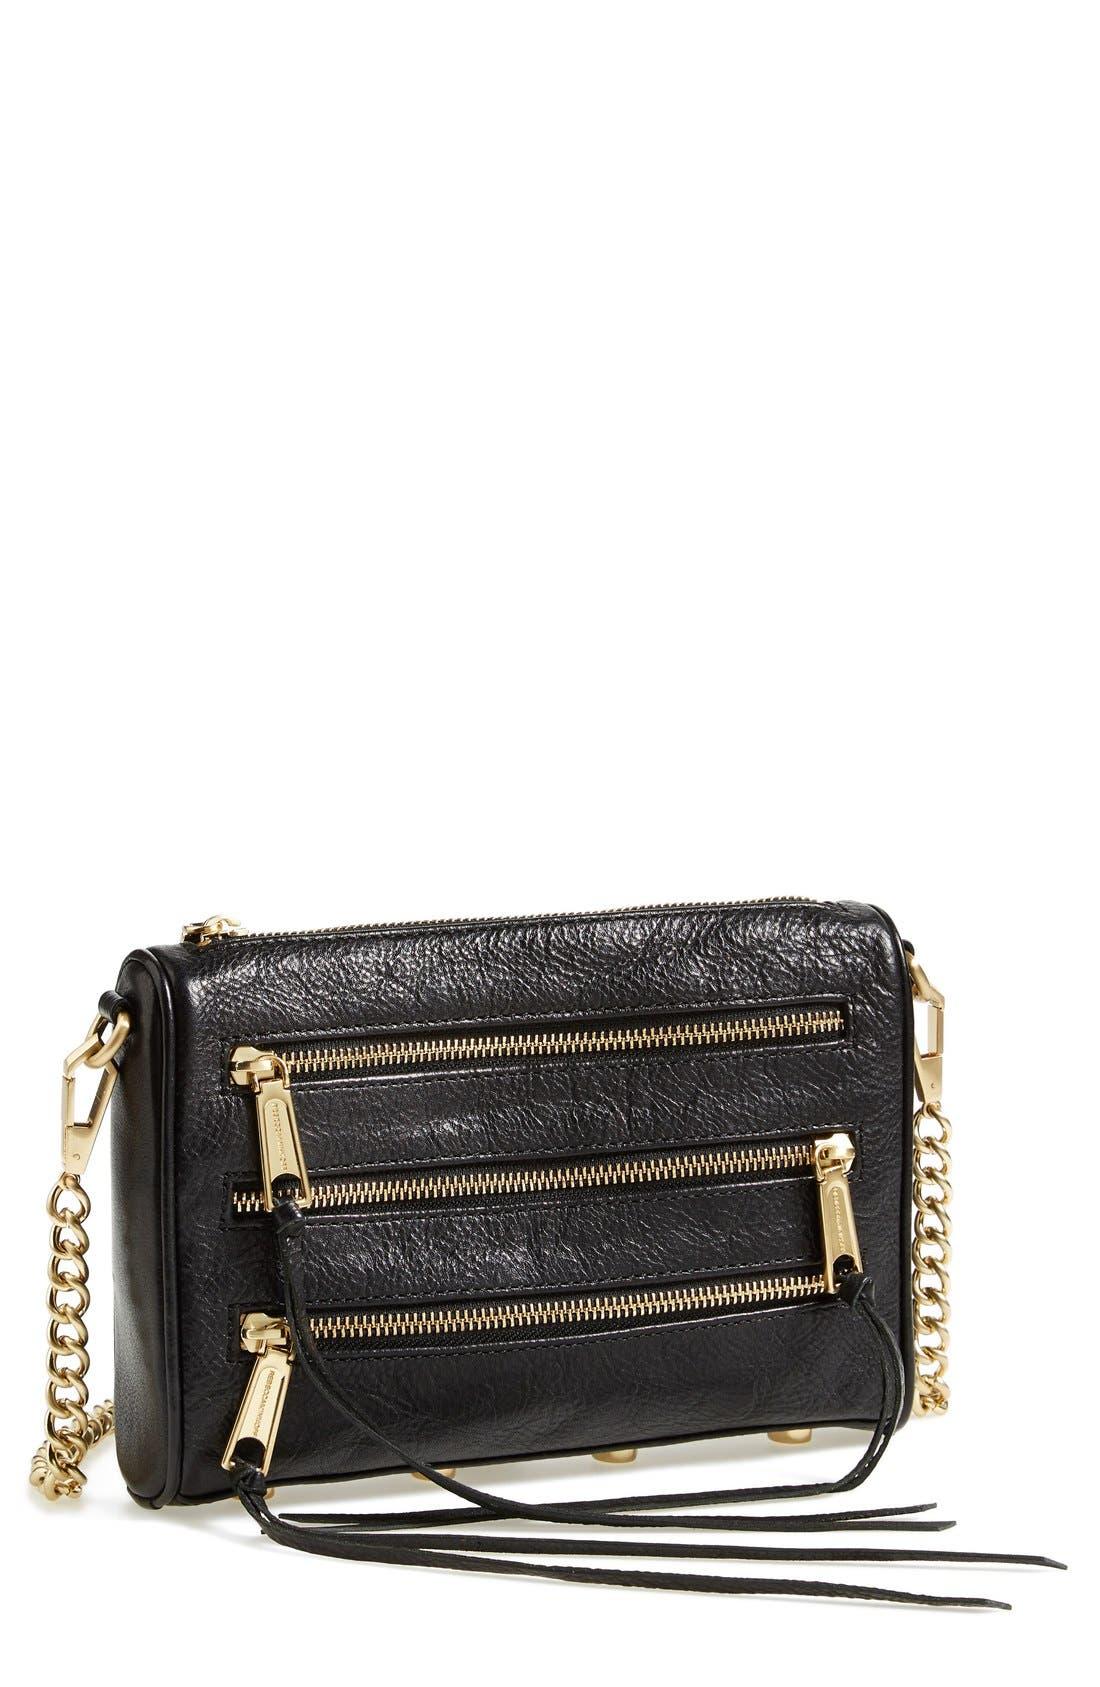 'Mini 5 Zip' Convertible Crossbody Bag,                             Main thumbnail 1, color,                             001